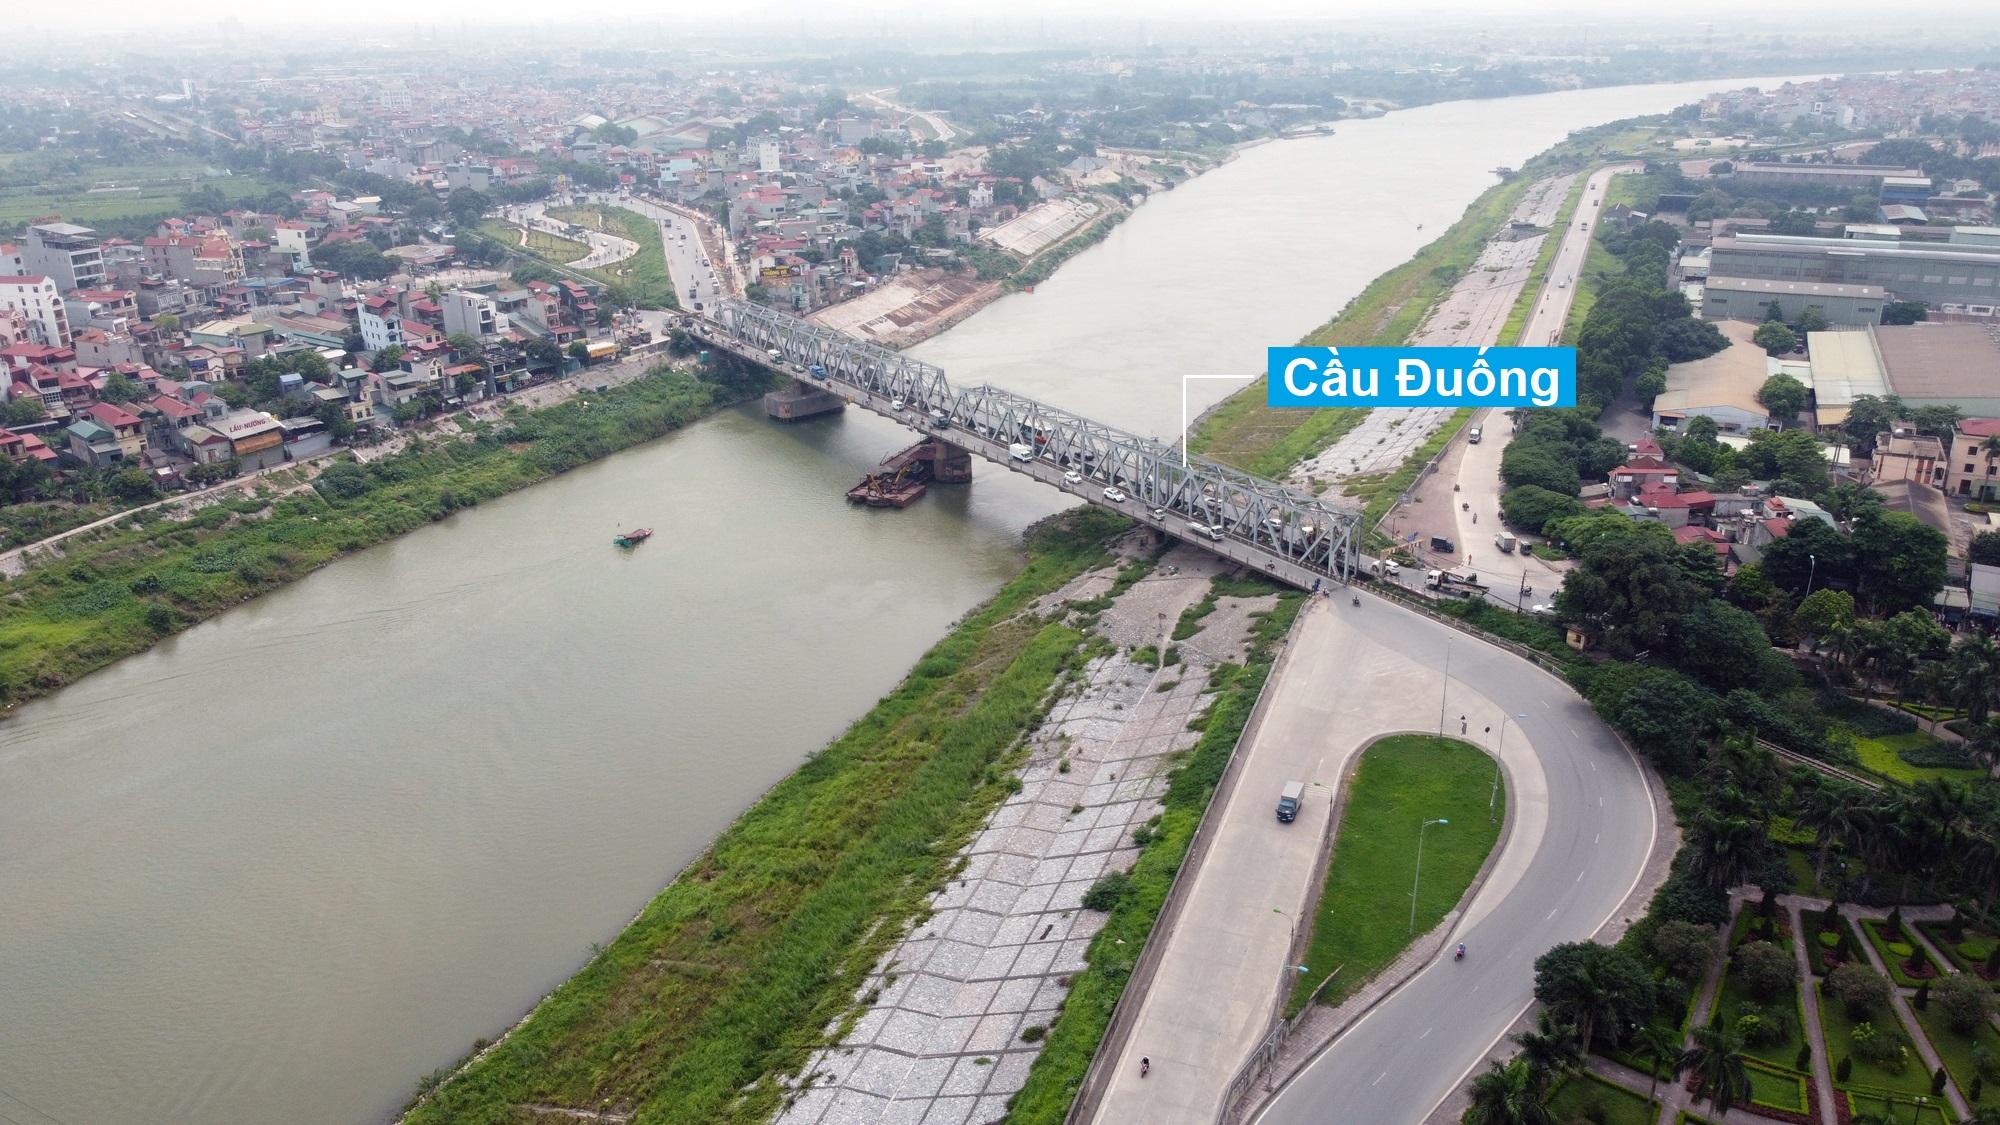 Khu dân cư Đông Ngàn, Yên Viên, Thượng Thanh và Ngọc Thụy hiện có ở bãi sông Đuống thuộc diện di dời - Ảnh 1.